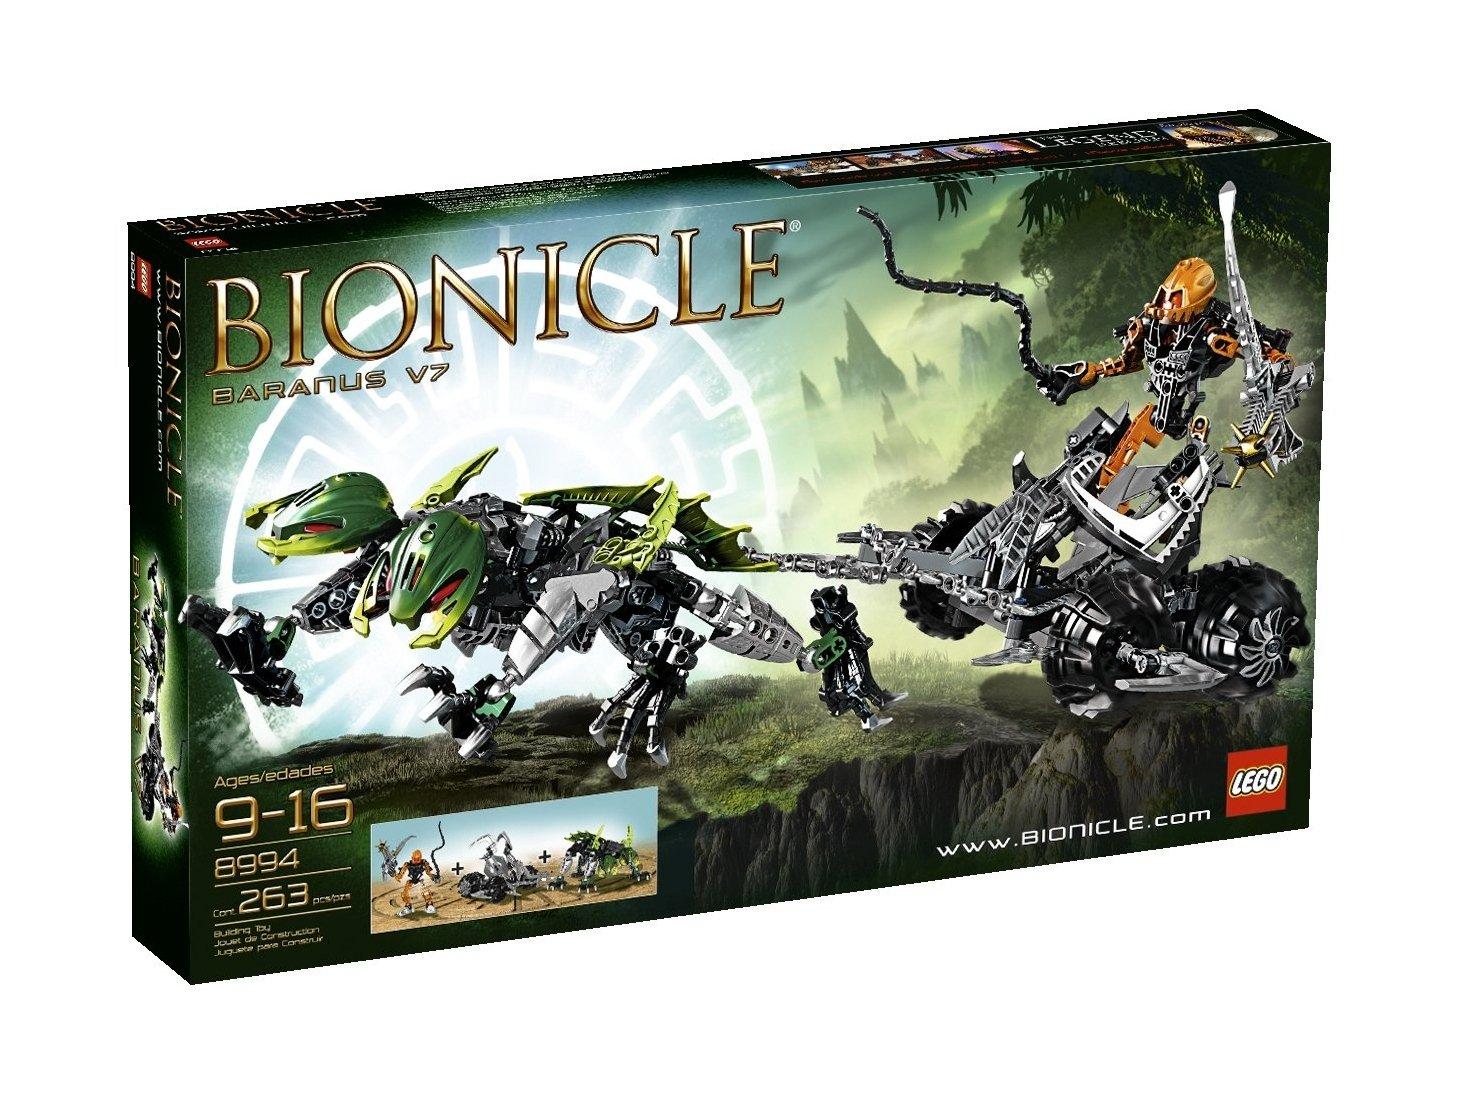 LEGO 8994 Bionicle® Baranus V7